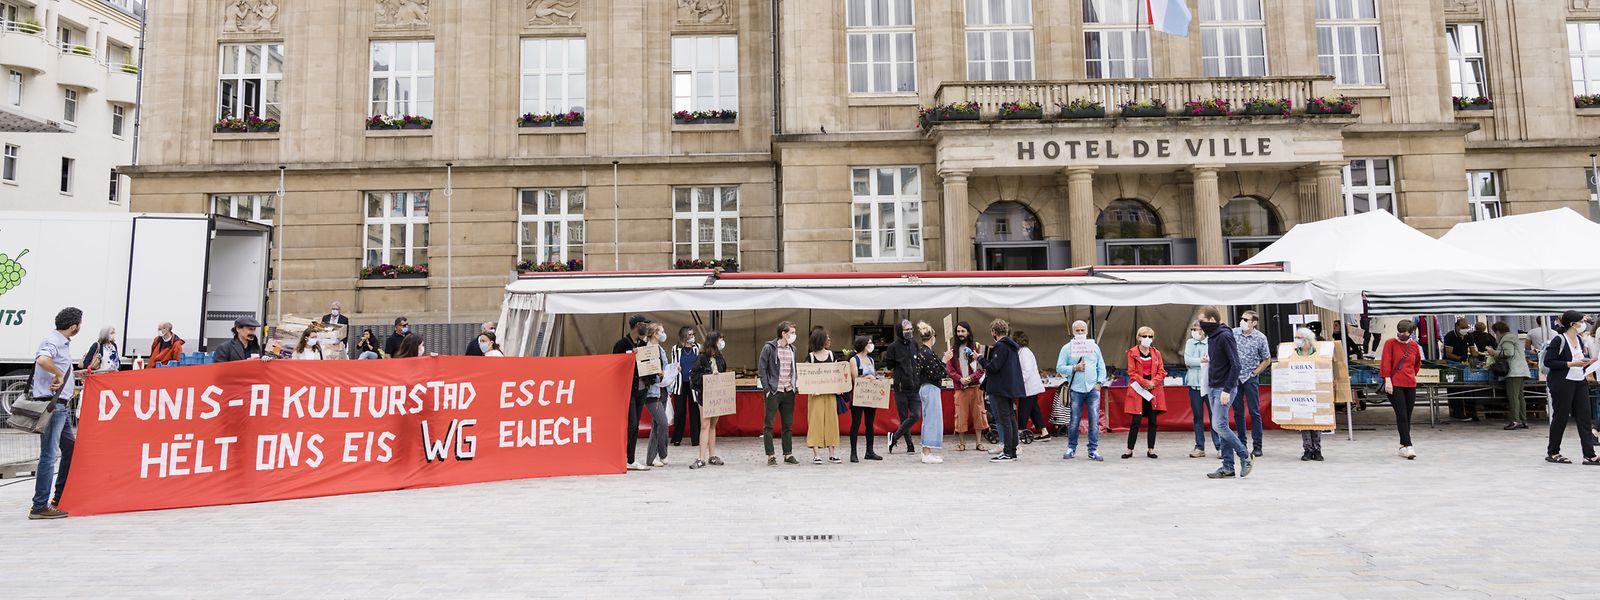 Am vergangenen Dienstag hatten Demonstranten gegen die WG-Bestimmungen vor dem Escher Rathaus protestiert.